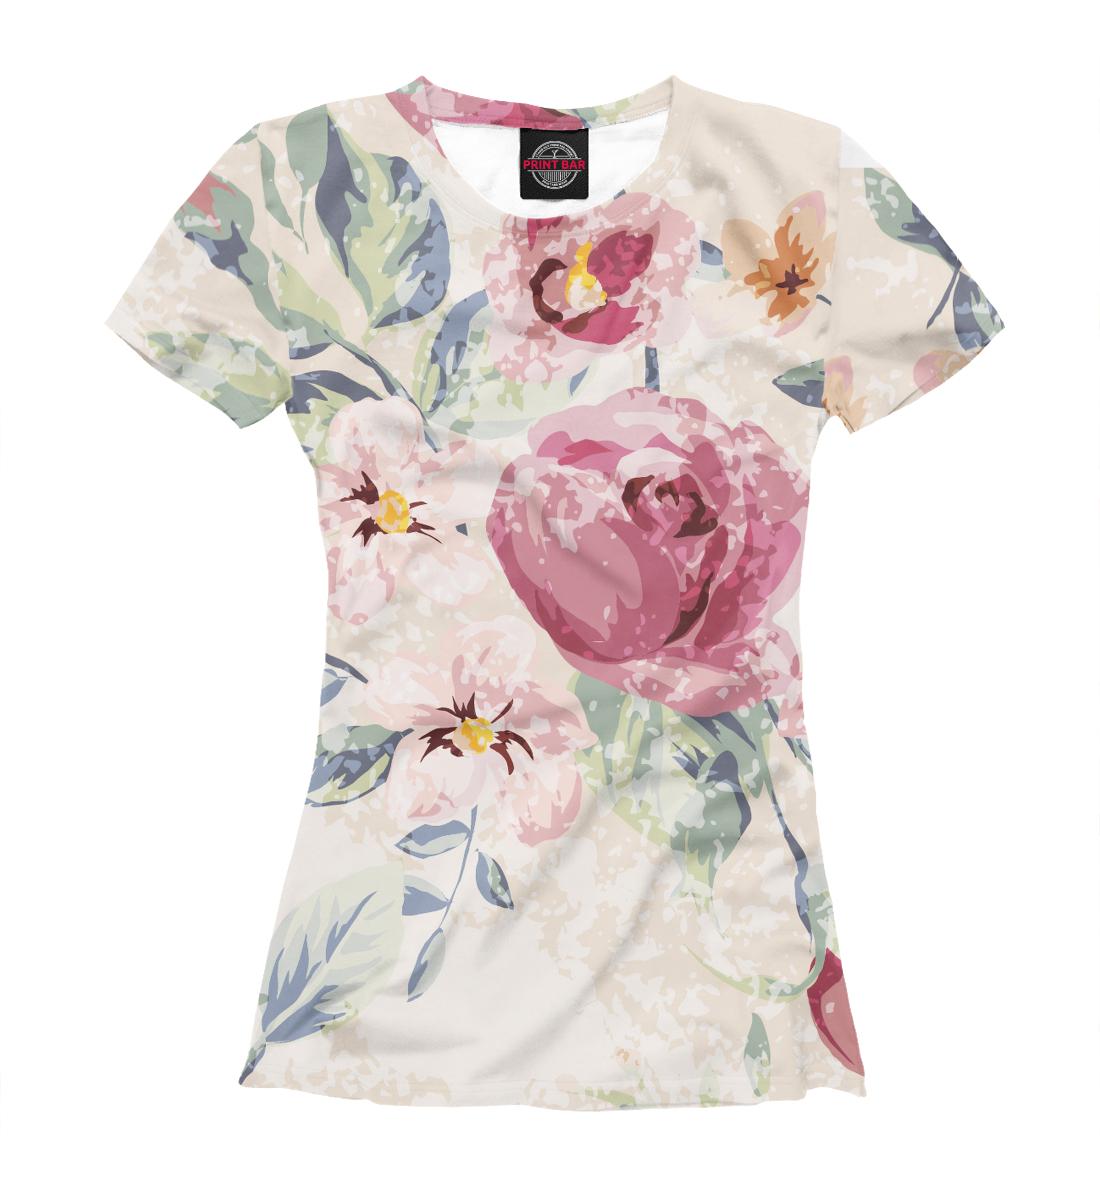 Купить Крупные цветы, Printbar, Футболки, CVE-423206-fut-1